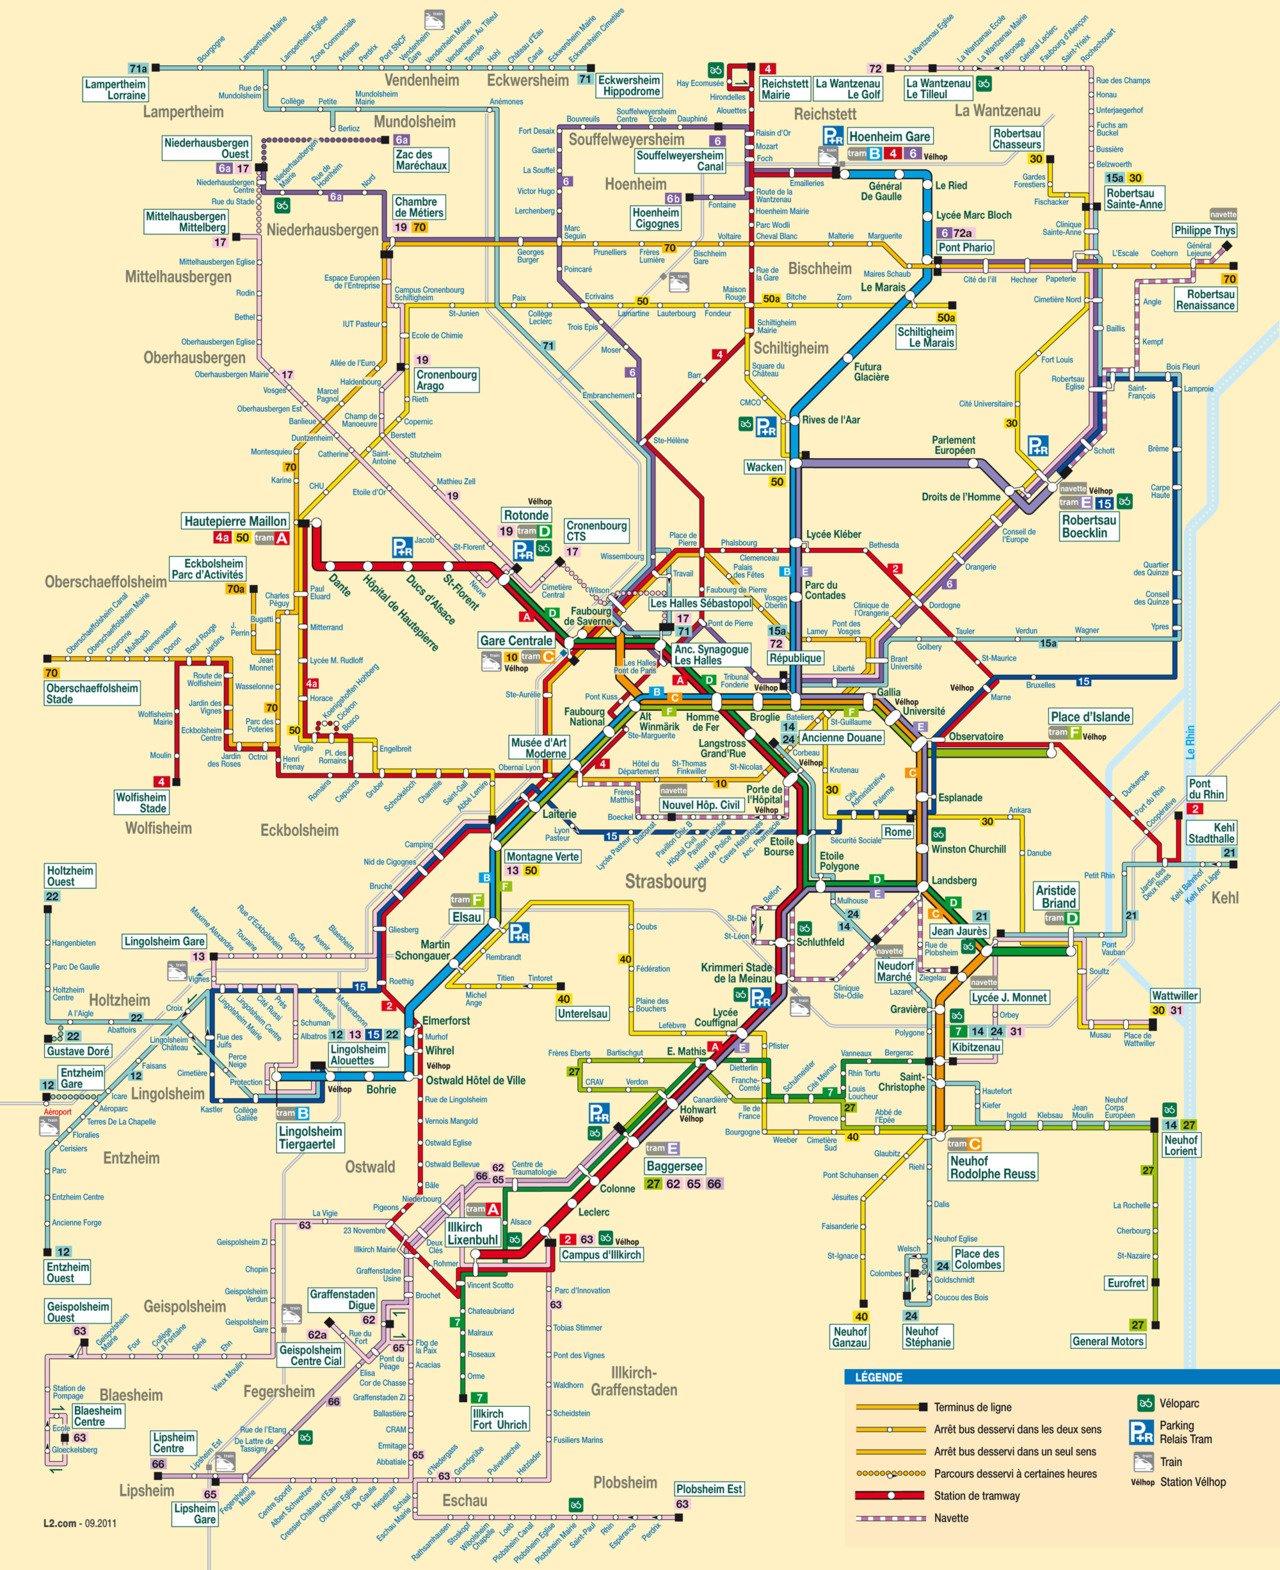 Karty Strasburga Franciya Podrobnaya Karta Strasburga Na Russkom